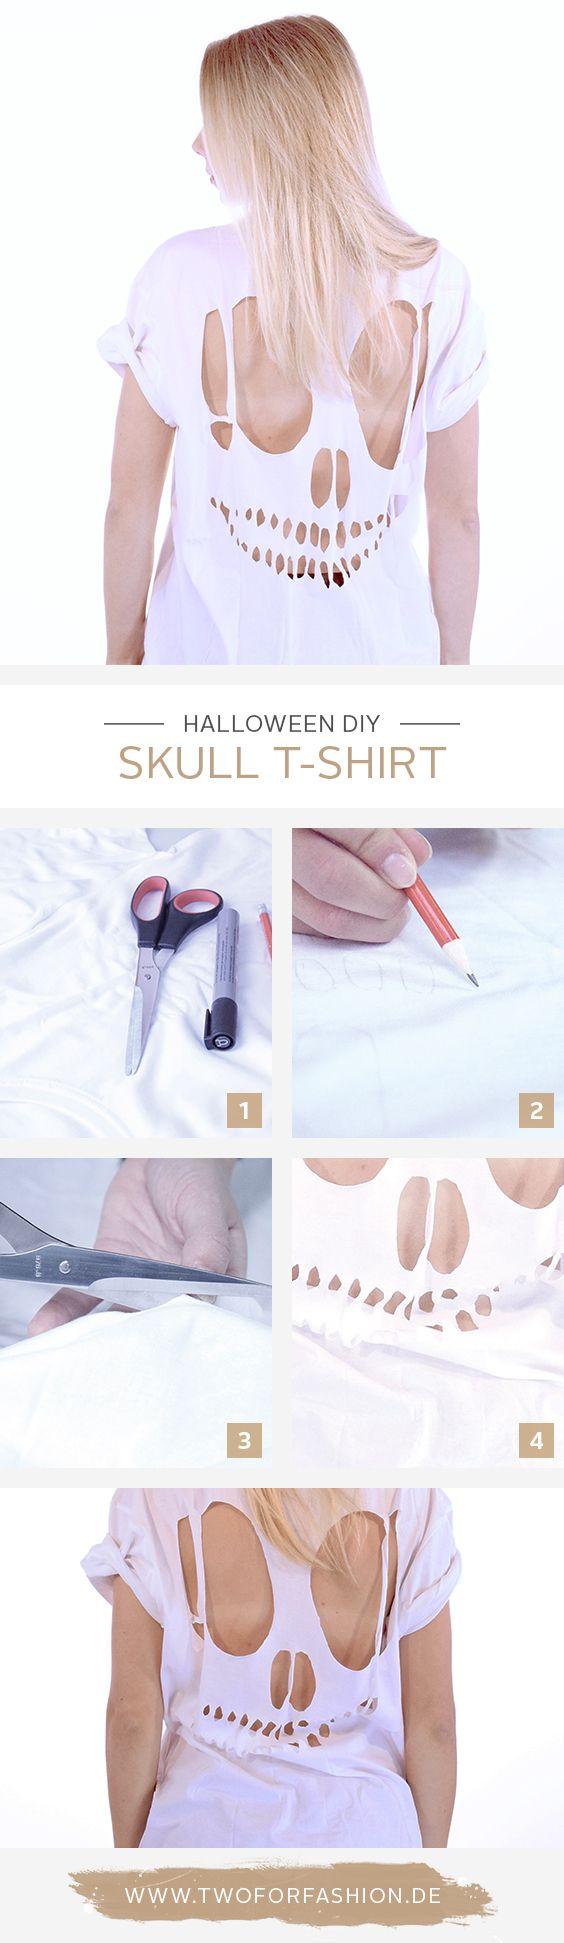 Halloween Verkleidung Einfach